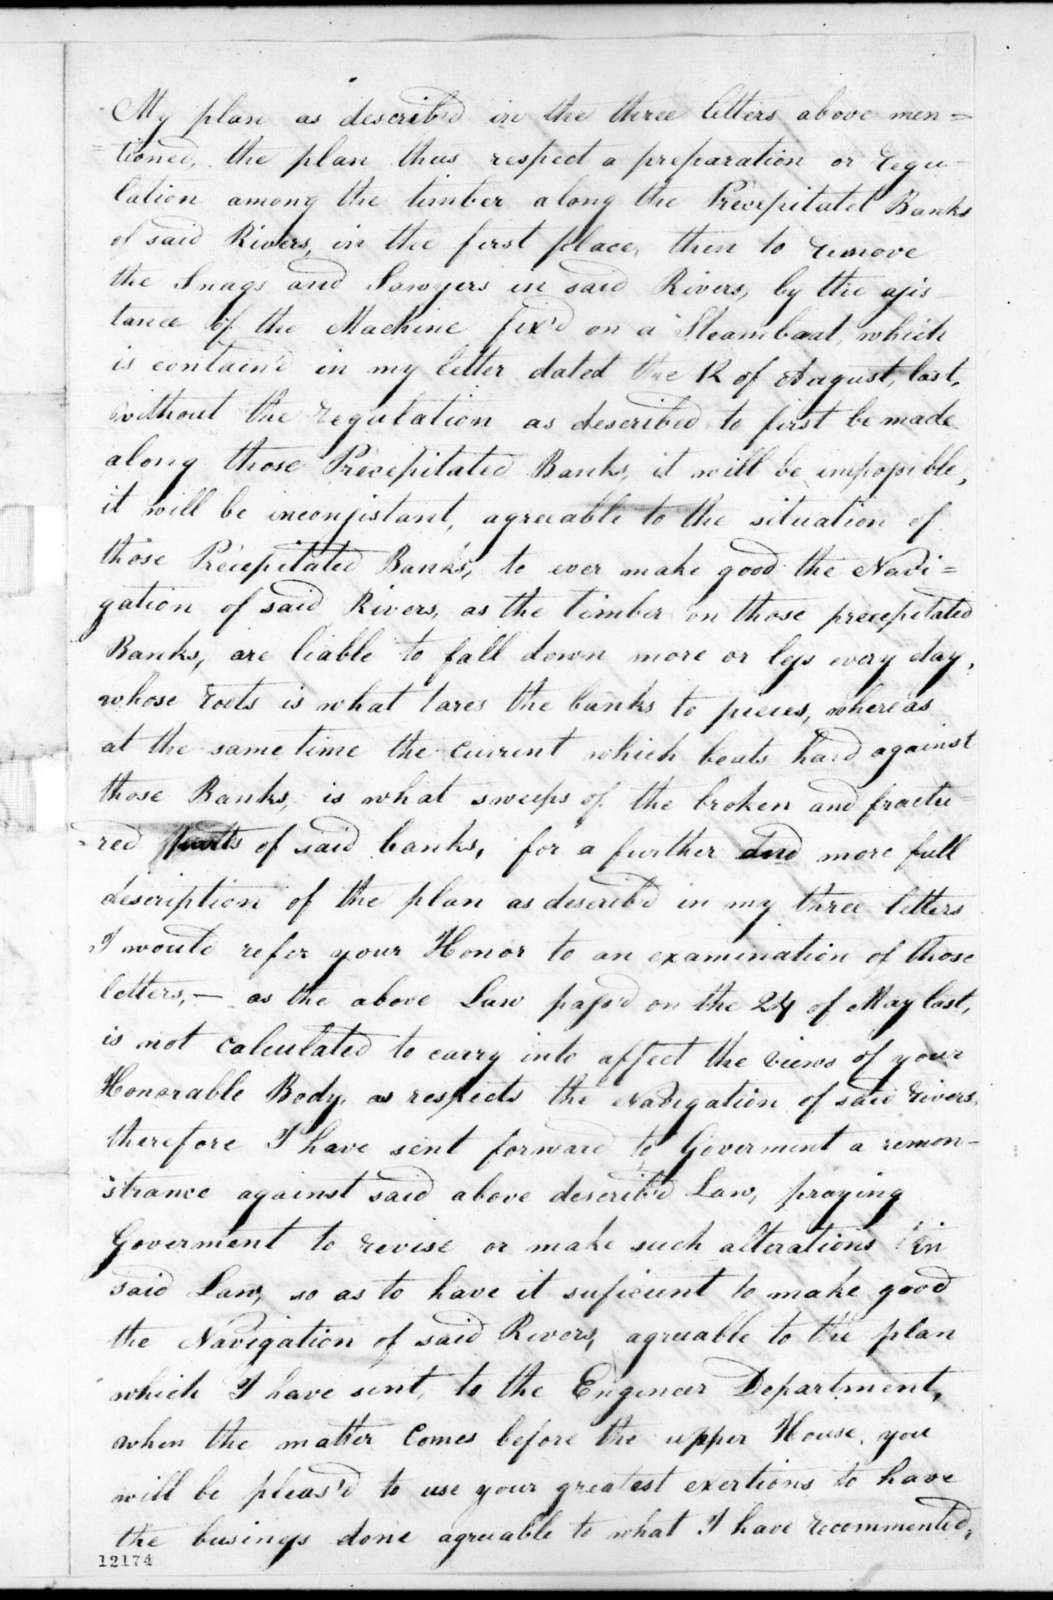 Reuben A. Carter to Andrew Jackson, November 15, 1824